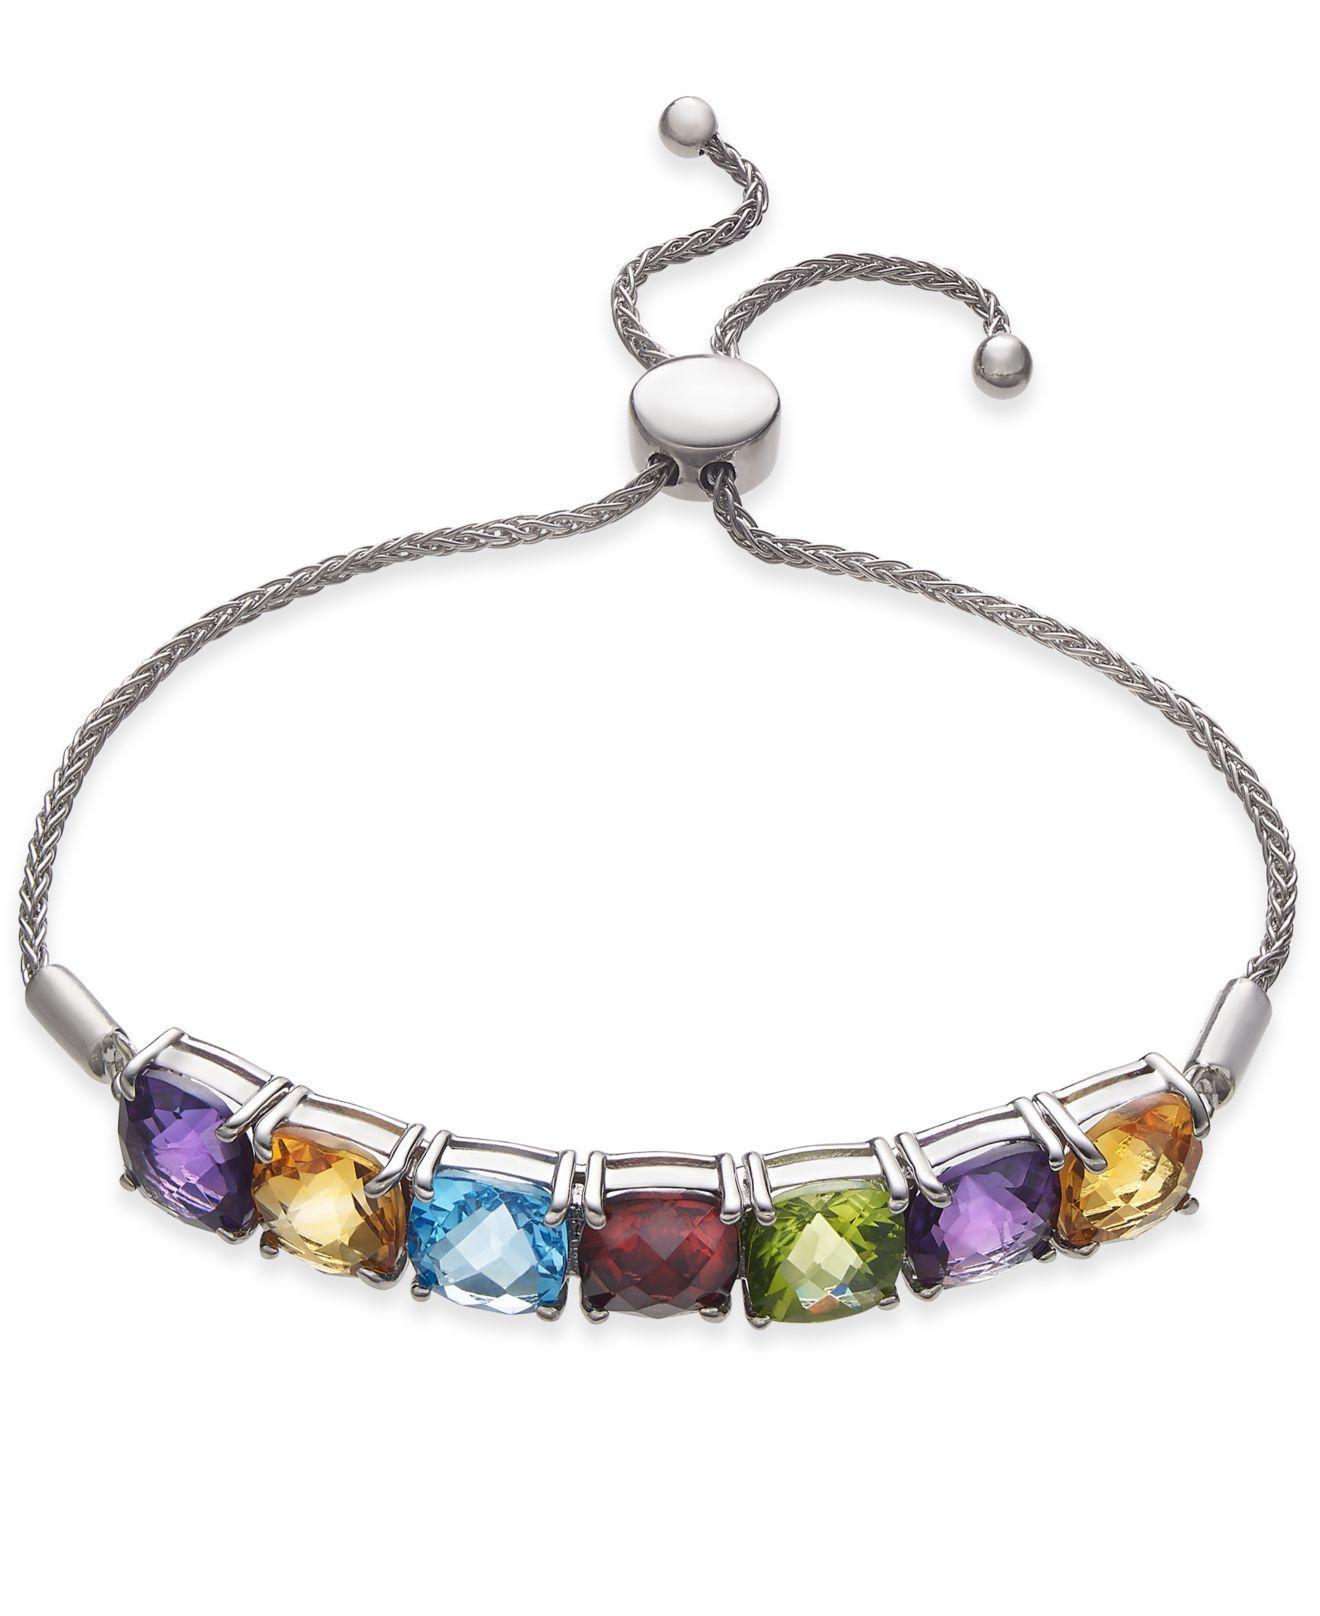 41b24dc6a56 Lyst - Macy's Multi-gemstone (11 Ct. T.w.) Bolo Bracelet In Sterling ...